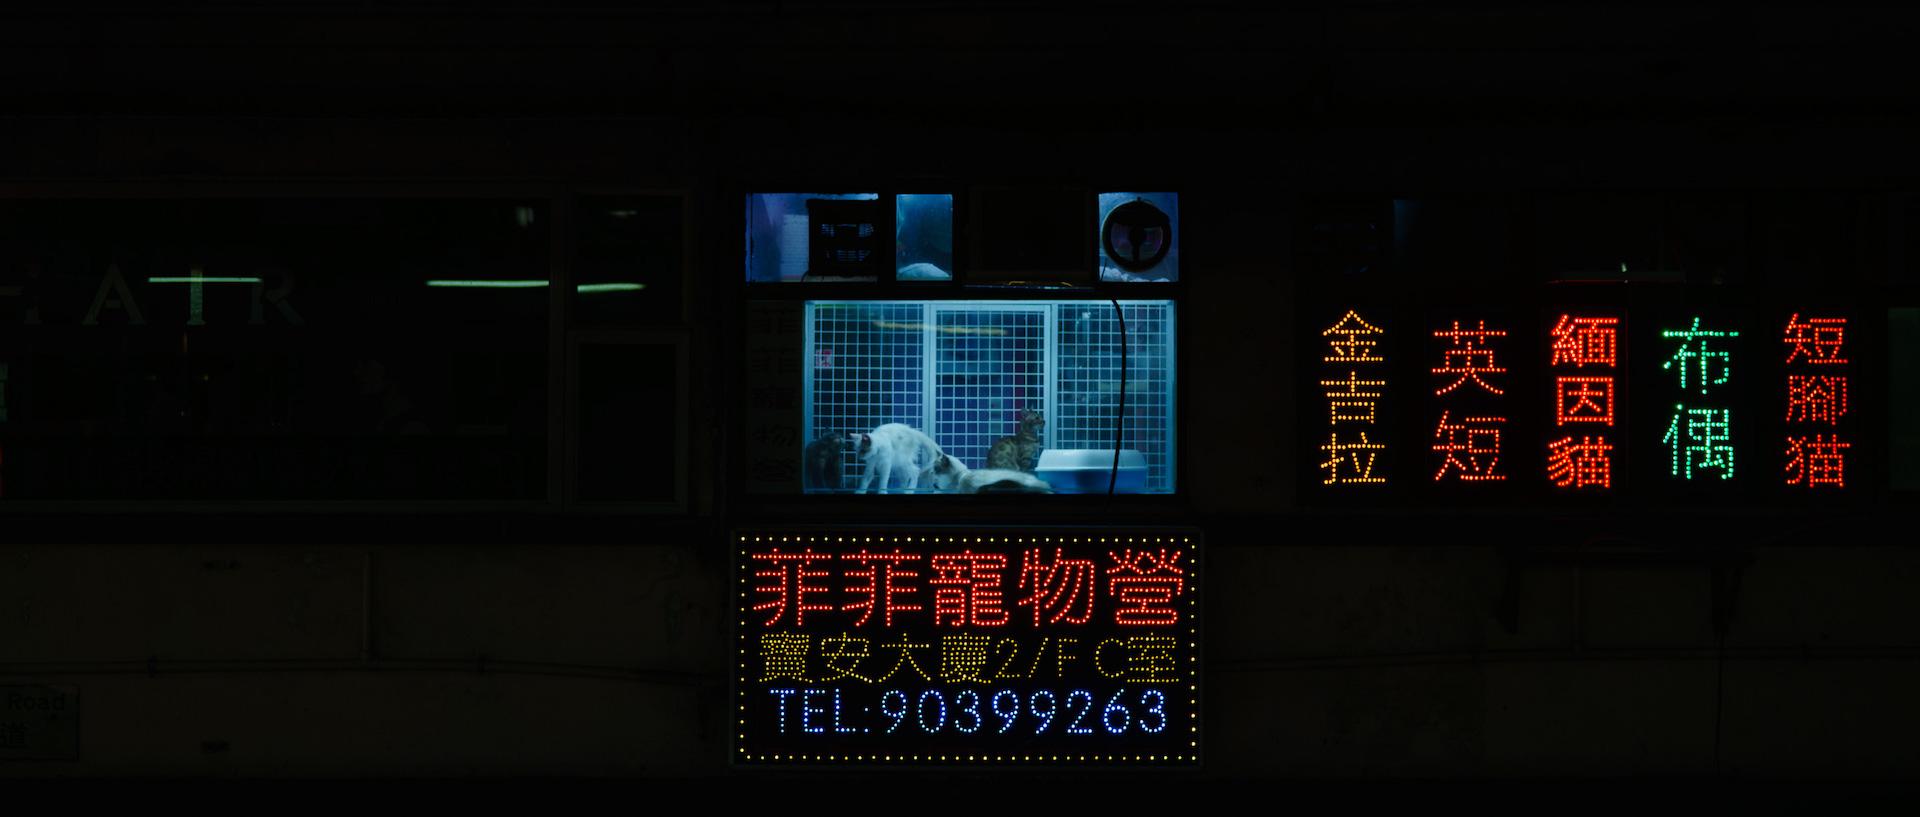 180911_114112_ProbablyJoel_HK-ON_1963.jpg